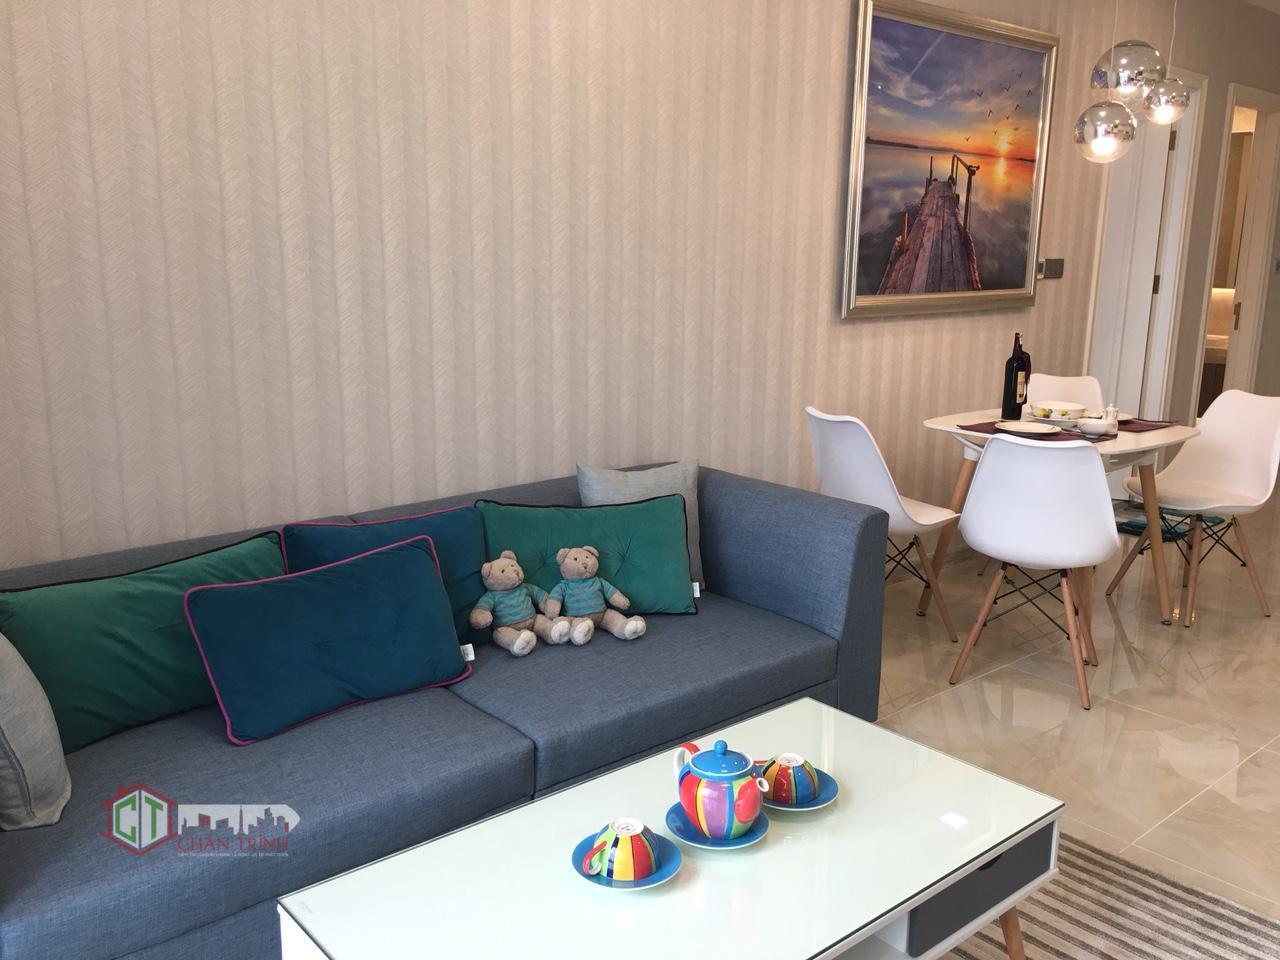 Căn hộ 1 phòng ngủ Vinhomes Golden River cho thuê full nội thất